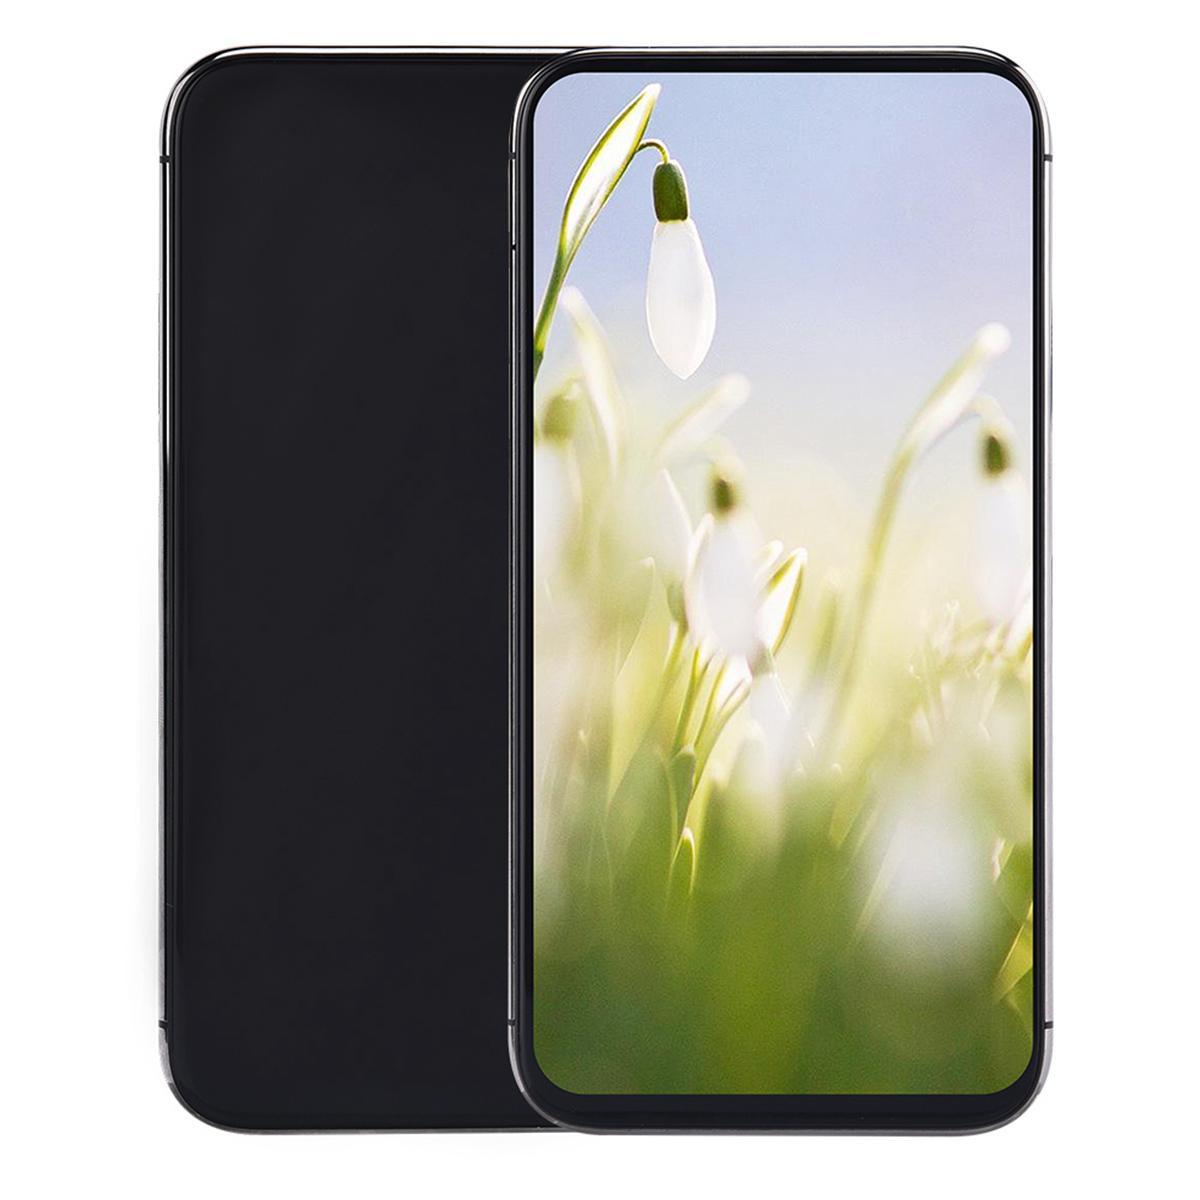 256 ГБ 512 ГБ I12 PRO MAX 5G смартфон 6,5 дюйма Все экран 3G WCDMA Quad Core Core MTK6580 Android OS 1 ГБ ОЗУ 4 ГБ РЗИ ID ID беспроводной зарядки 3 камеры Smartphone Free UPS TNT